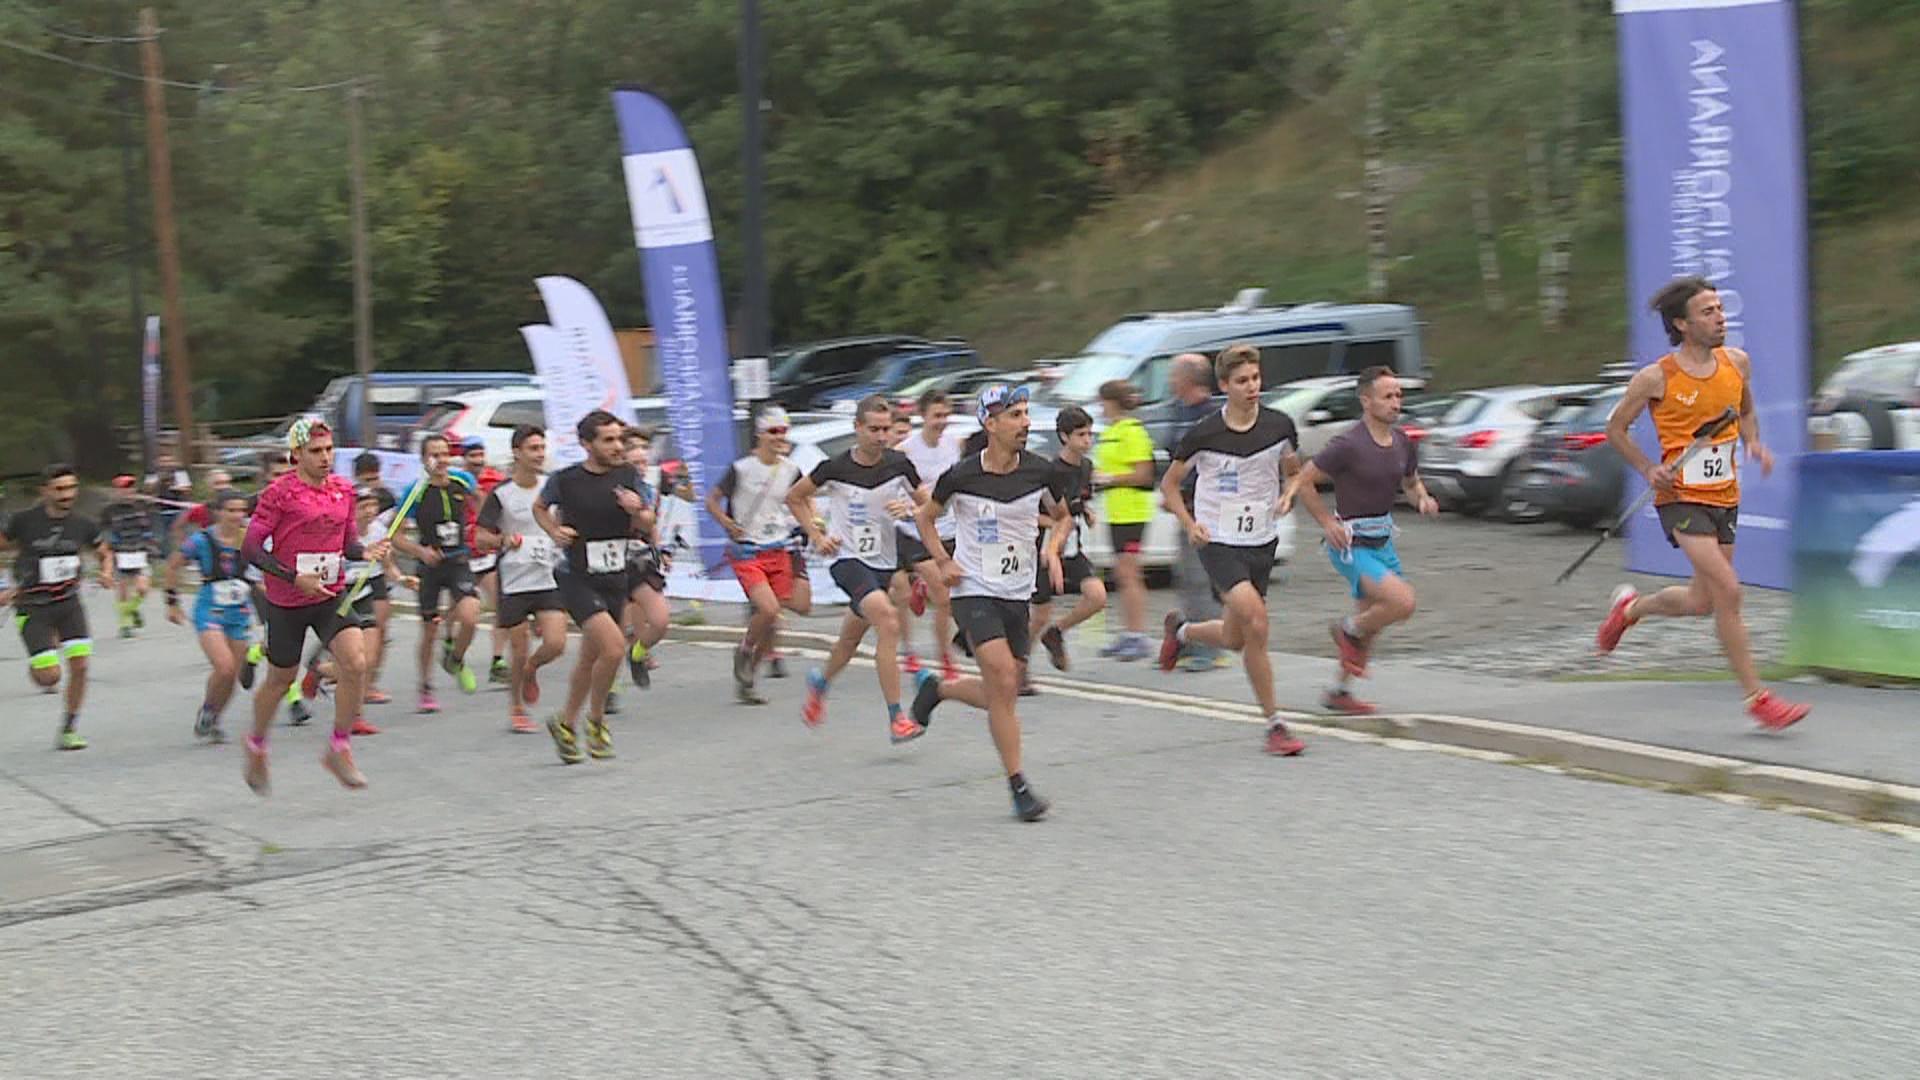 Òscar Casal i Queralt Riba guanyen la 4a cursa de Sant Bernabé